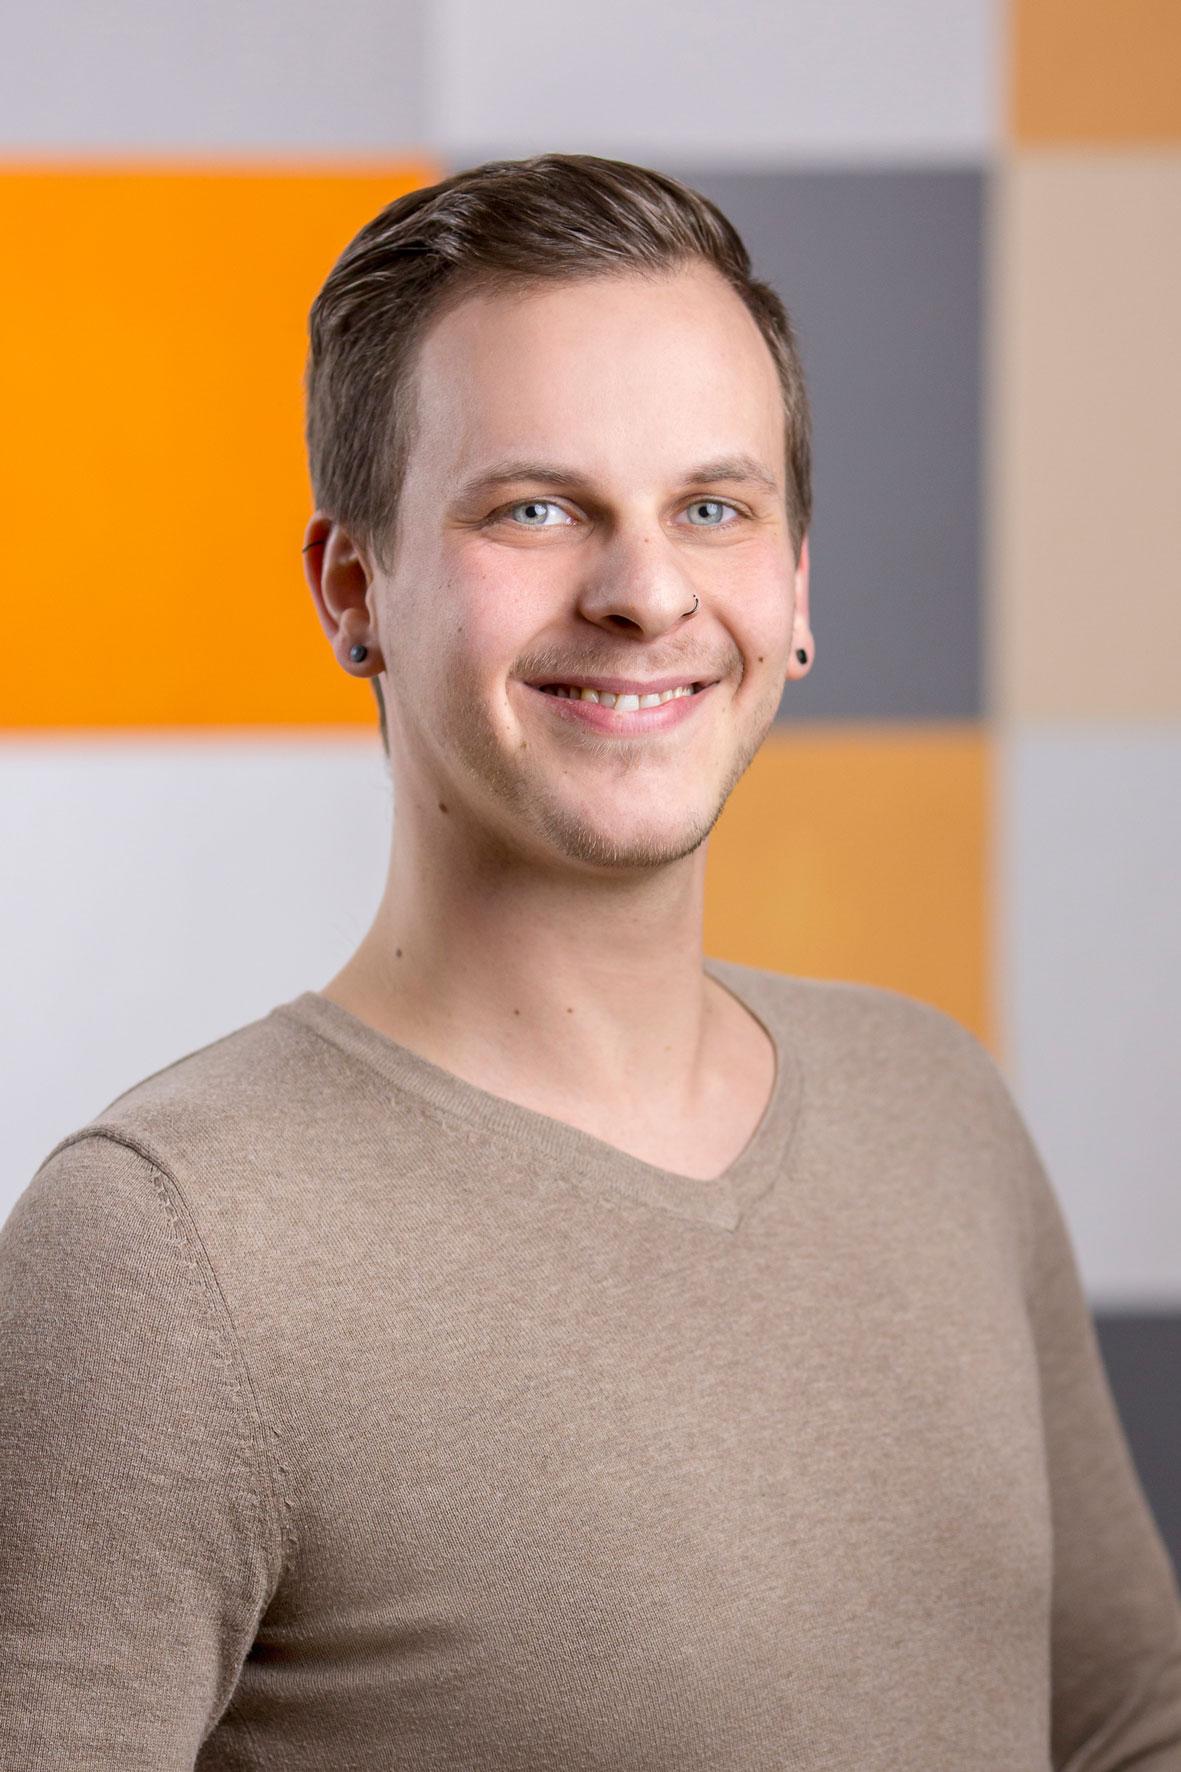 Max Tepel